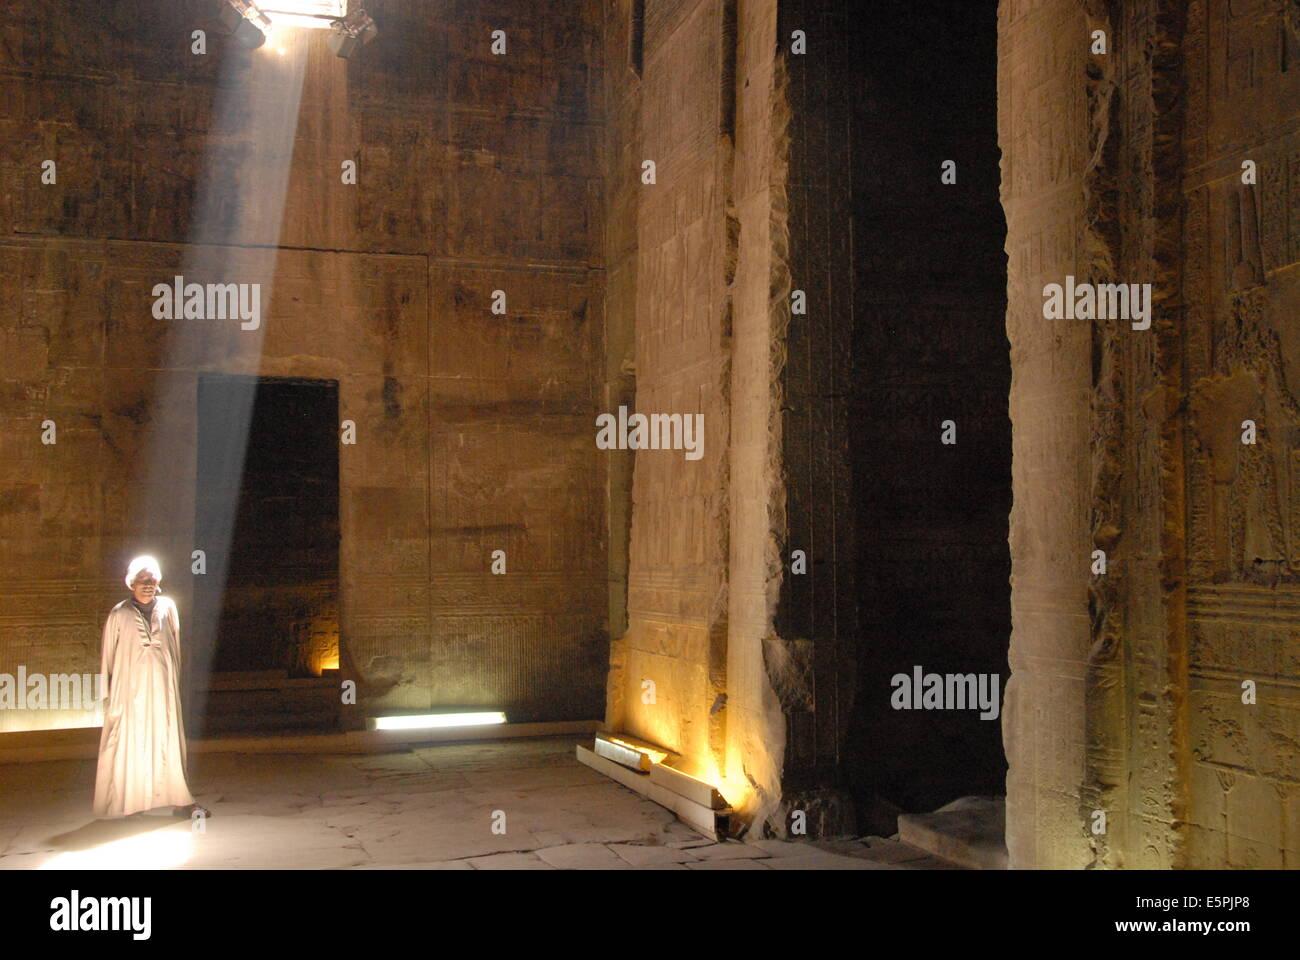 L'Esterno Hypostyle Hall nel tempio di Hathor, Dendera necropoli, Qena, Valle del Nilo, Egitto, Africa Settentrionale, Immagini Stock